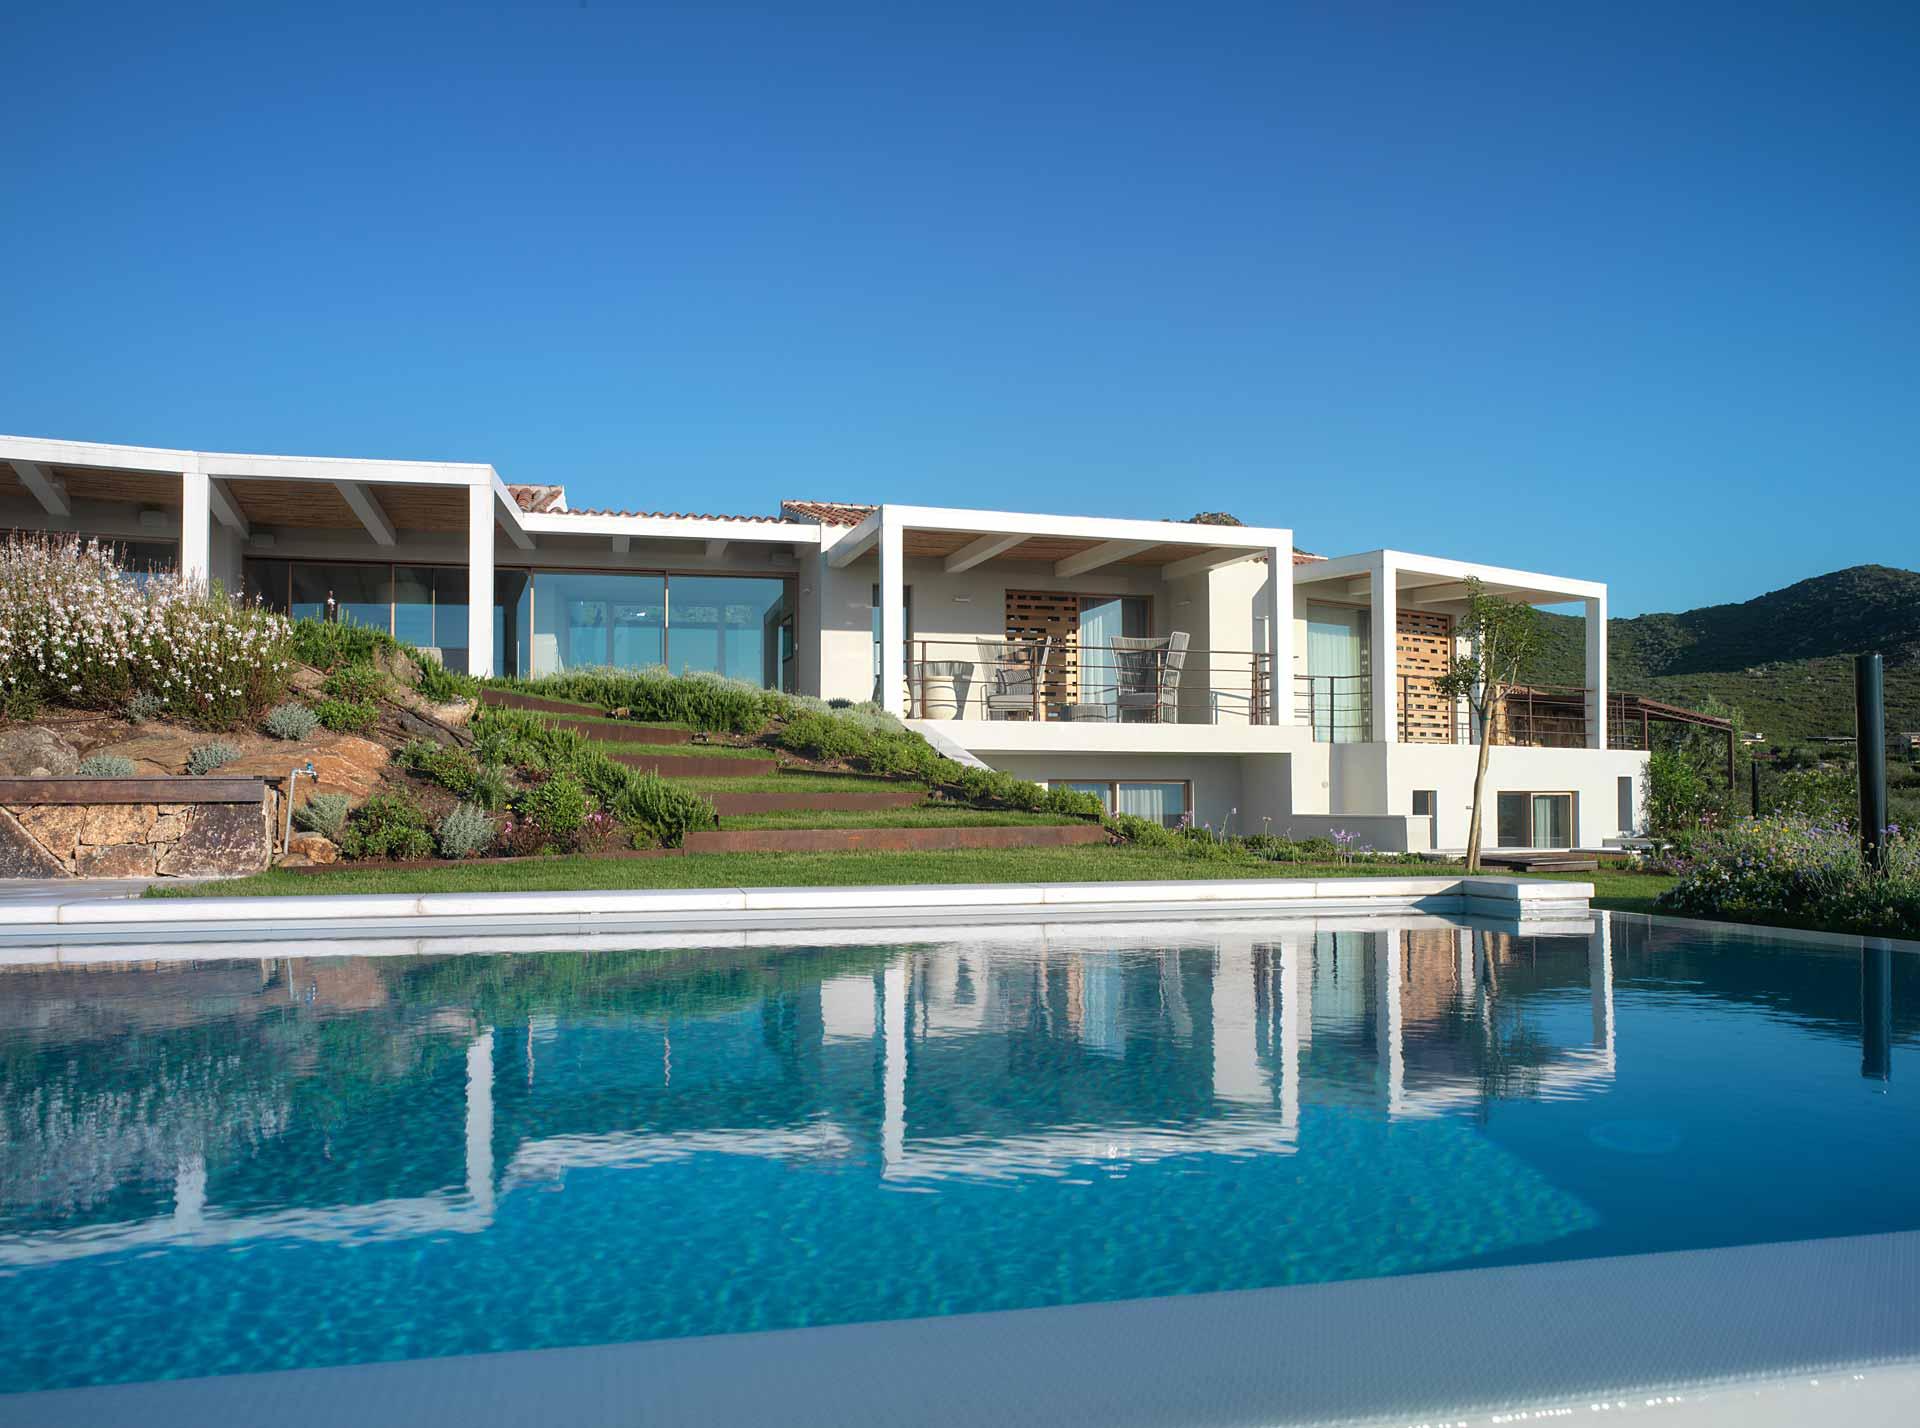 Villa Costa Smeralda, Skyline Sliding 4 sashes